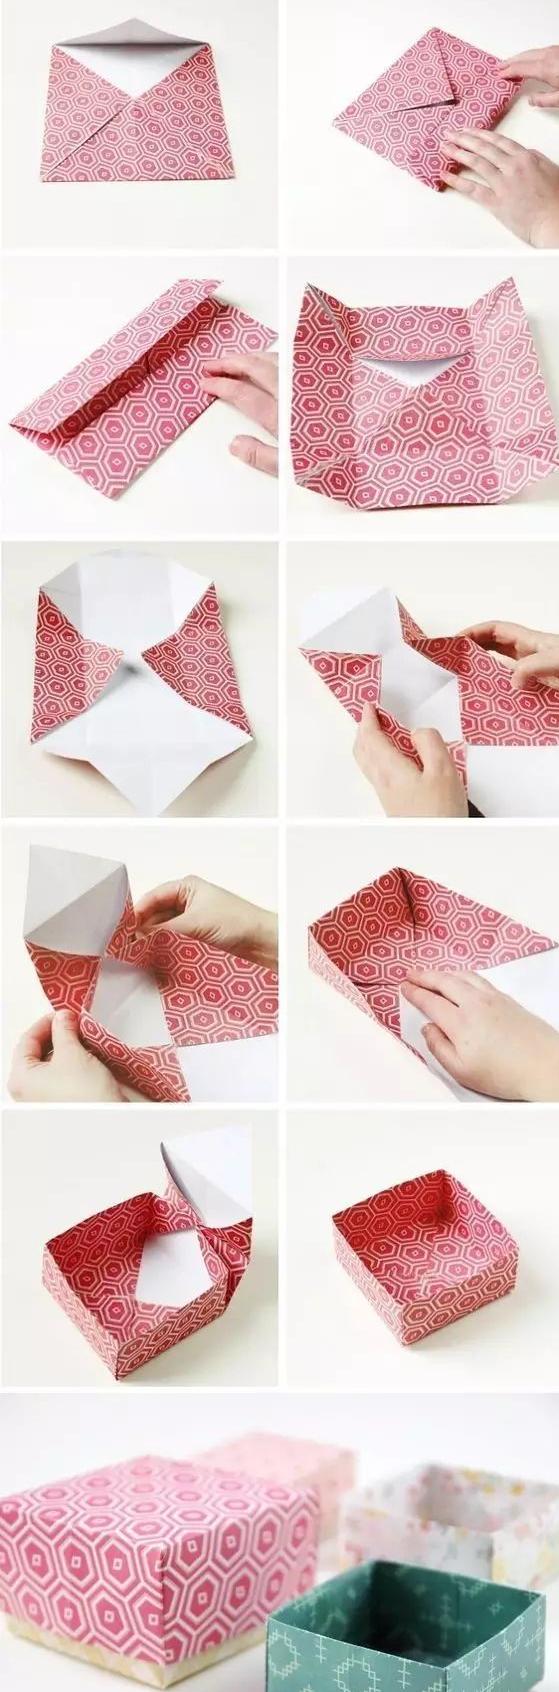 可盖的生日礼物盒折法